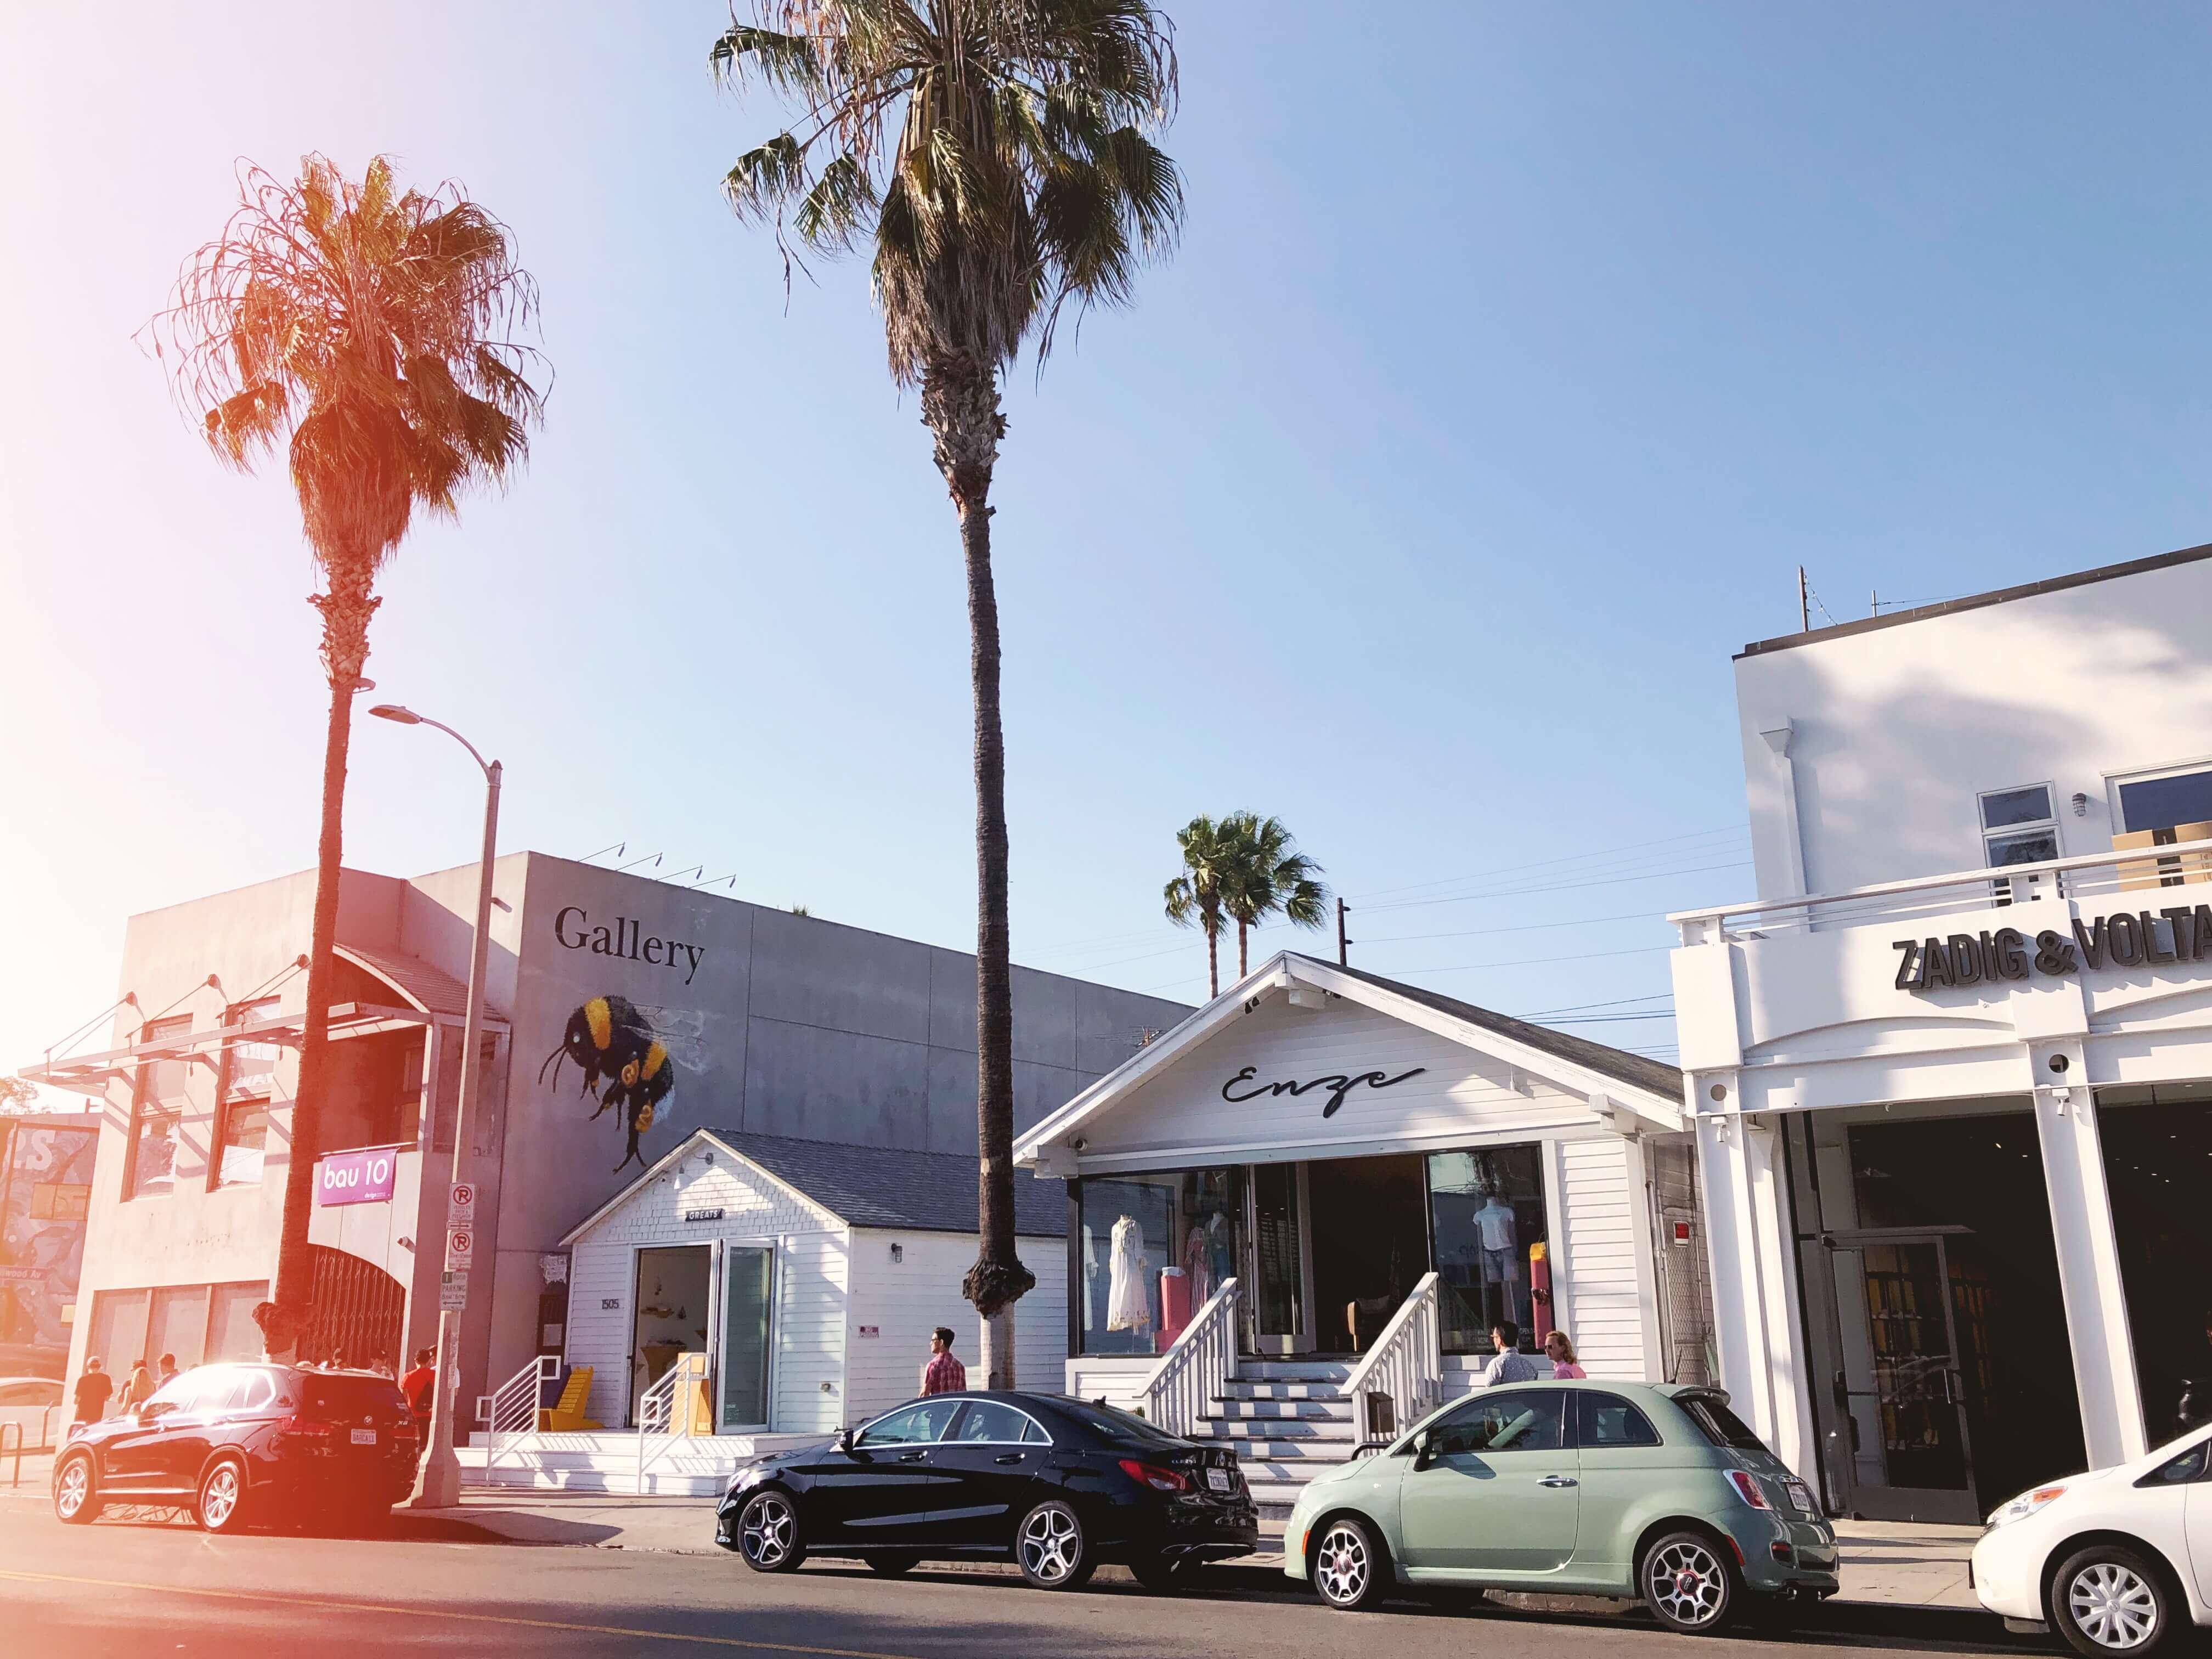 Abbot Kinney Boulevard 🎬 Mes 10 endroits préférés à Los Angeles. Carte des quartiers Los Angeles, sur Goodie Mood, le blog Feel Good et Créativité #losAngeles #expatlife #changerdevie #venice #santaMonica #theGrove #beverlyHills